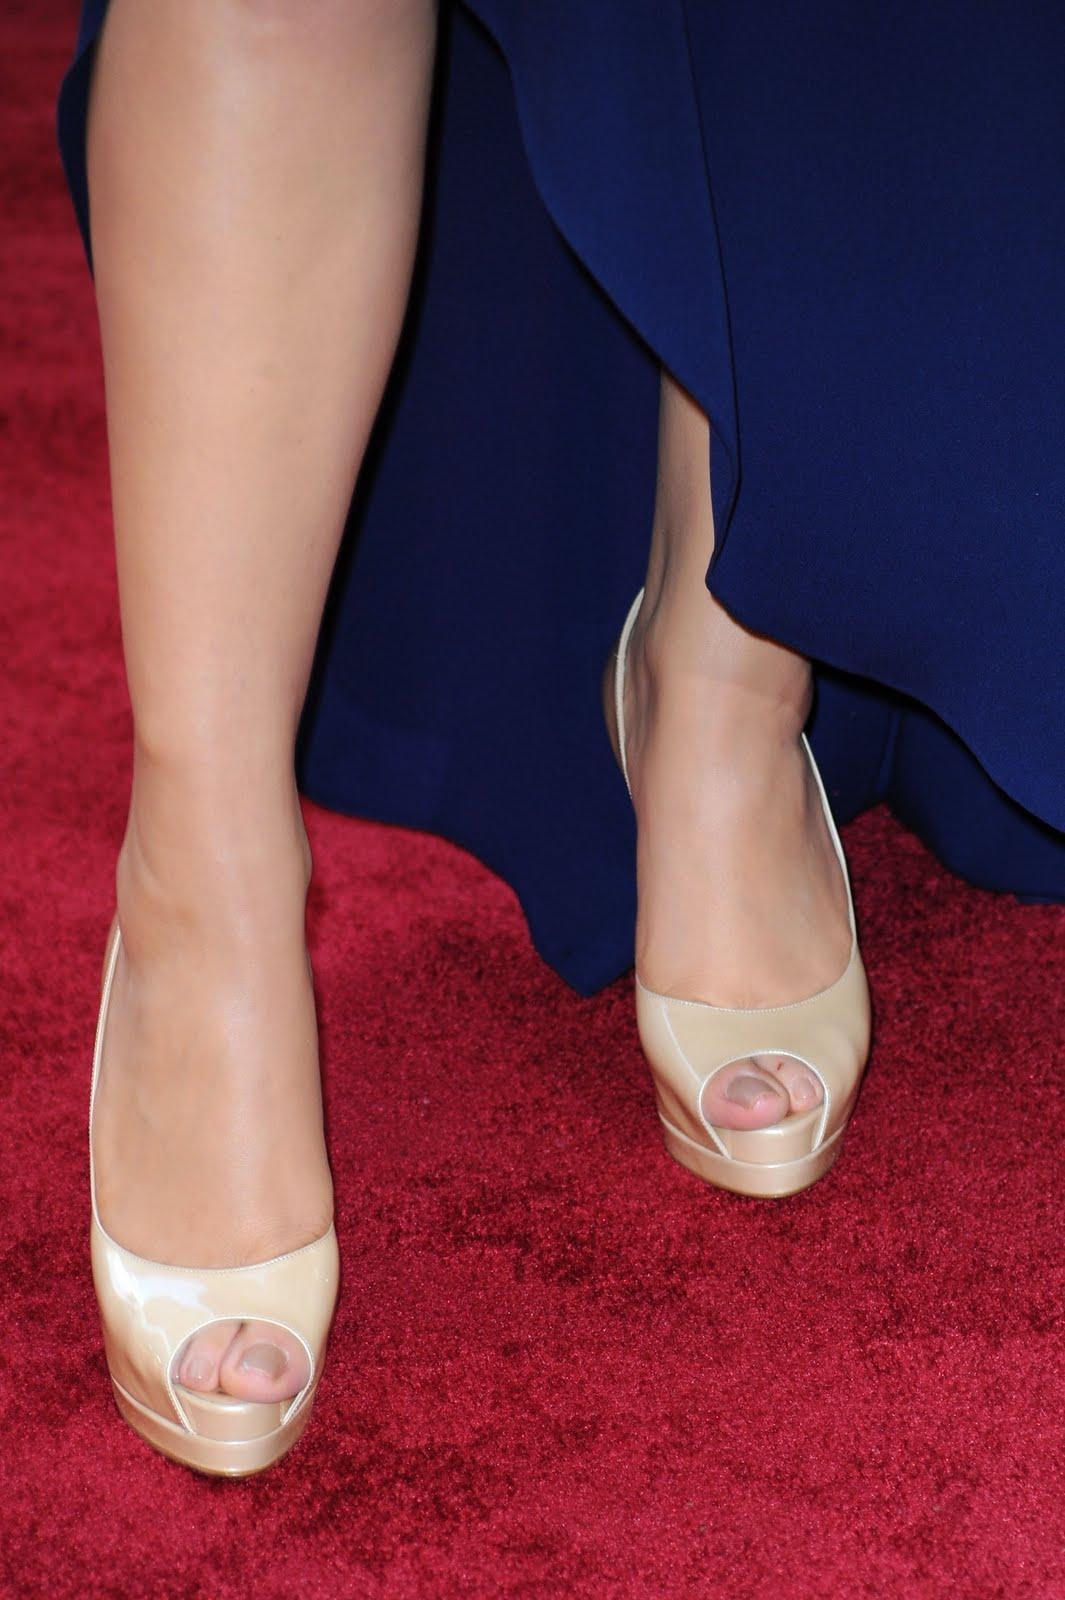 Celebrity fetish foot